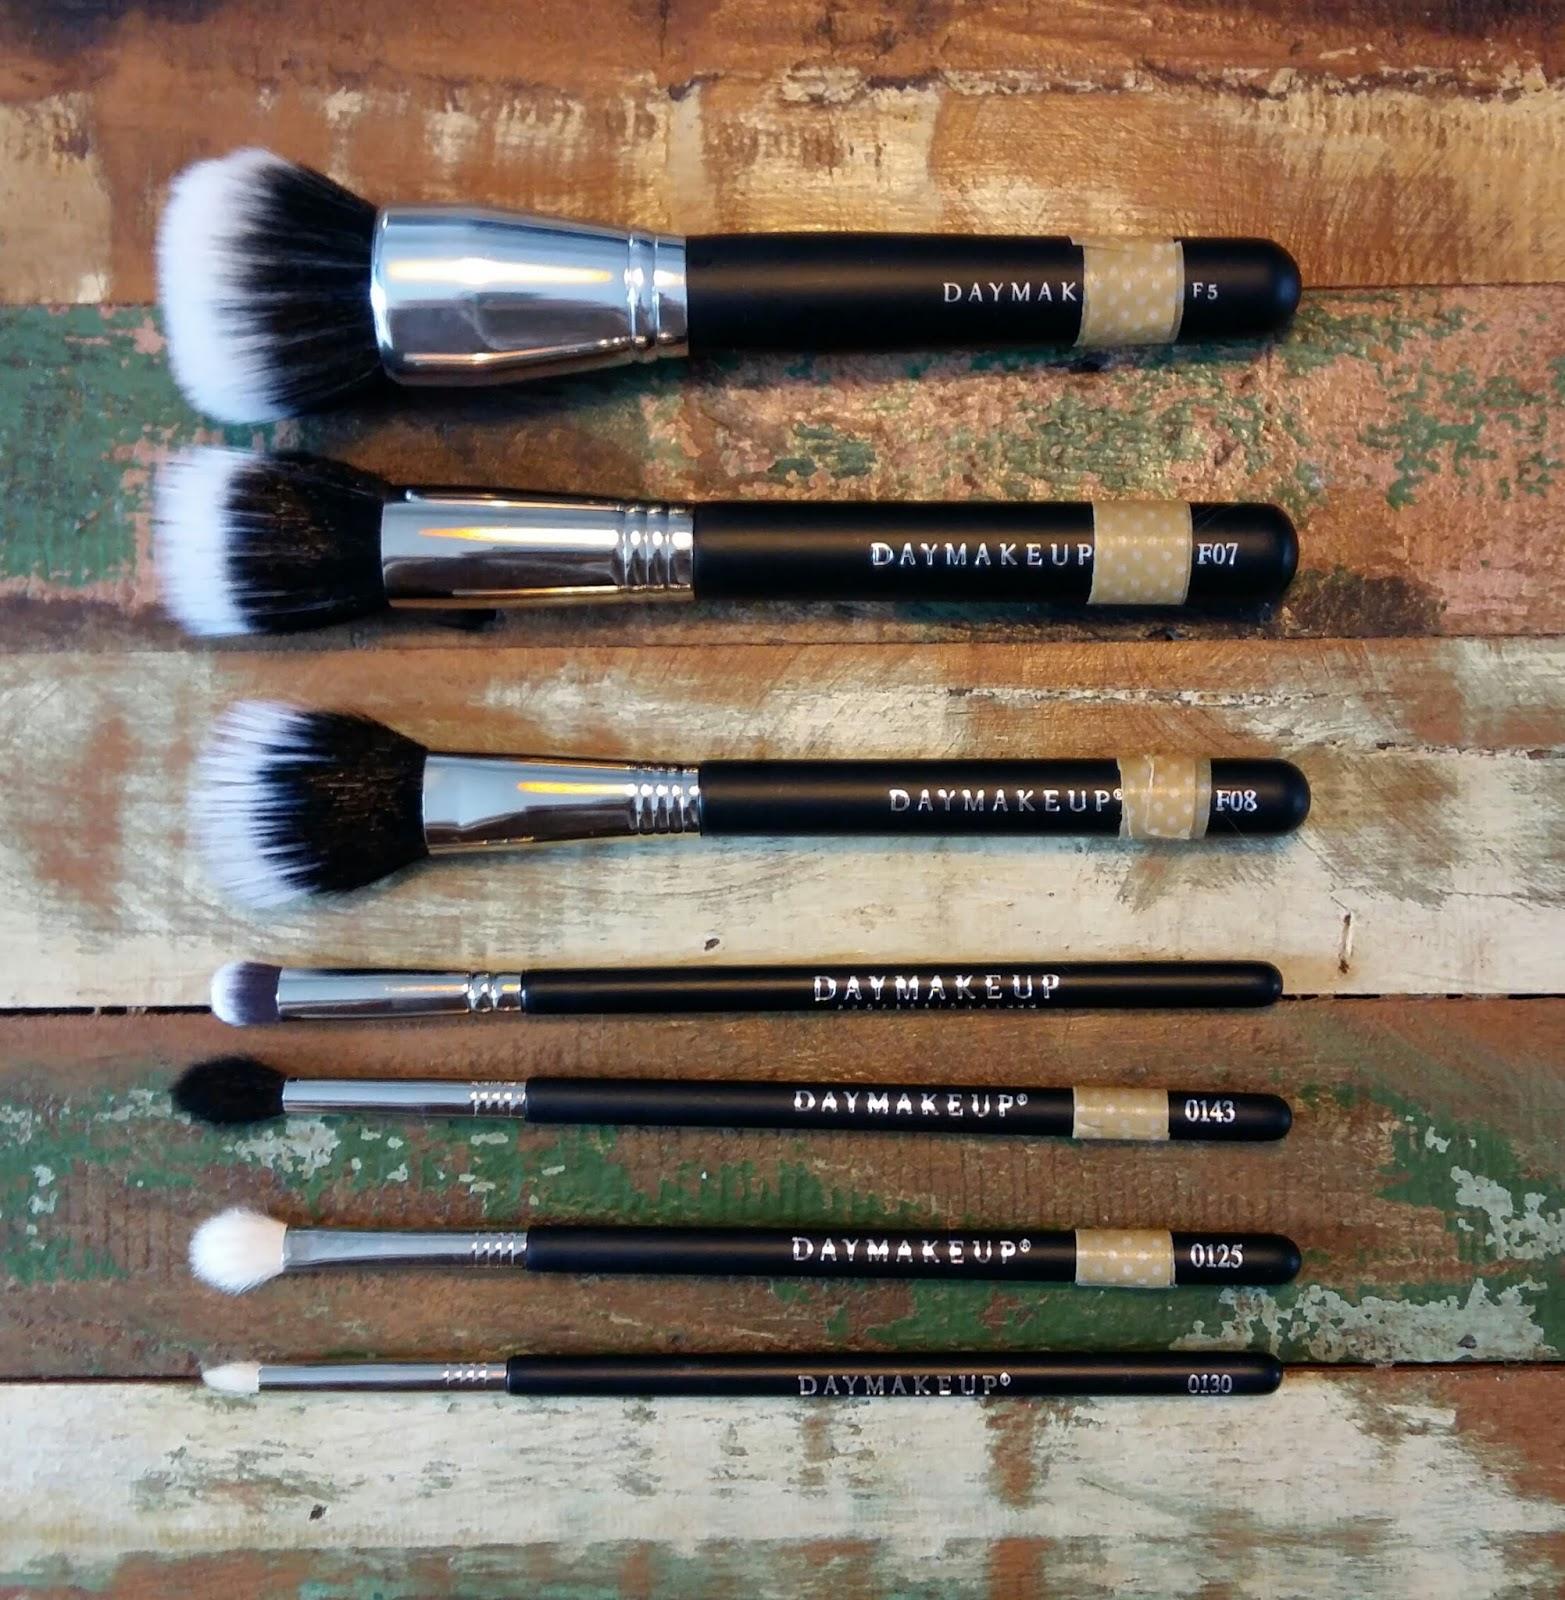 Recentemente descobri a Day Makeup, uma empresa de vende cílios e pincéis  profissionais de qualidade e preço bacana. Vejam os similares entre entre a  Day e ... aa2004baa6